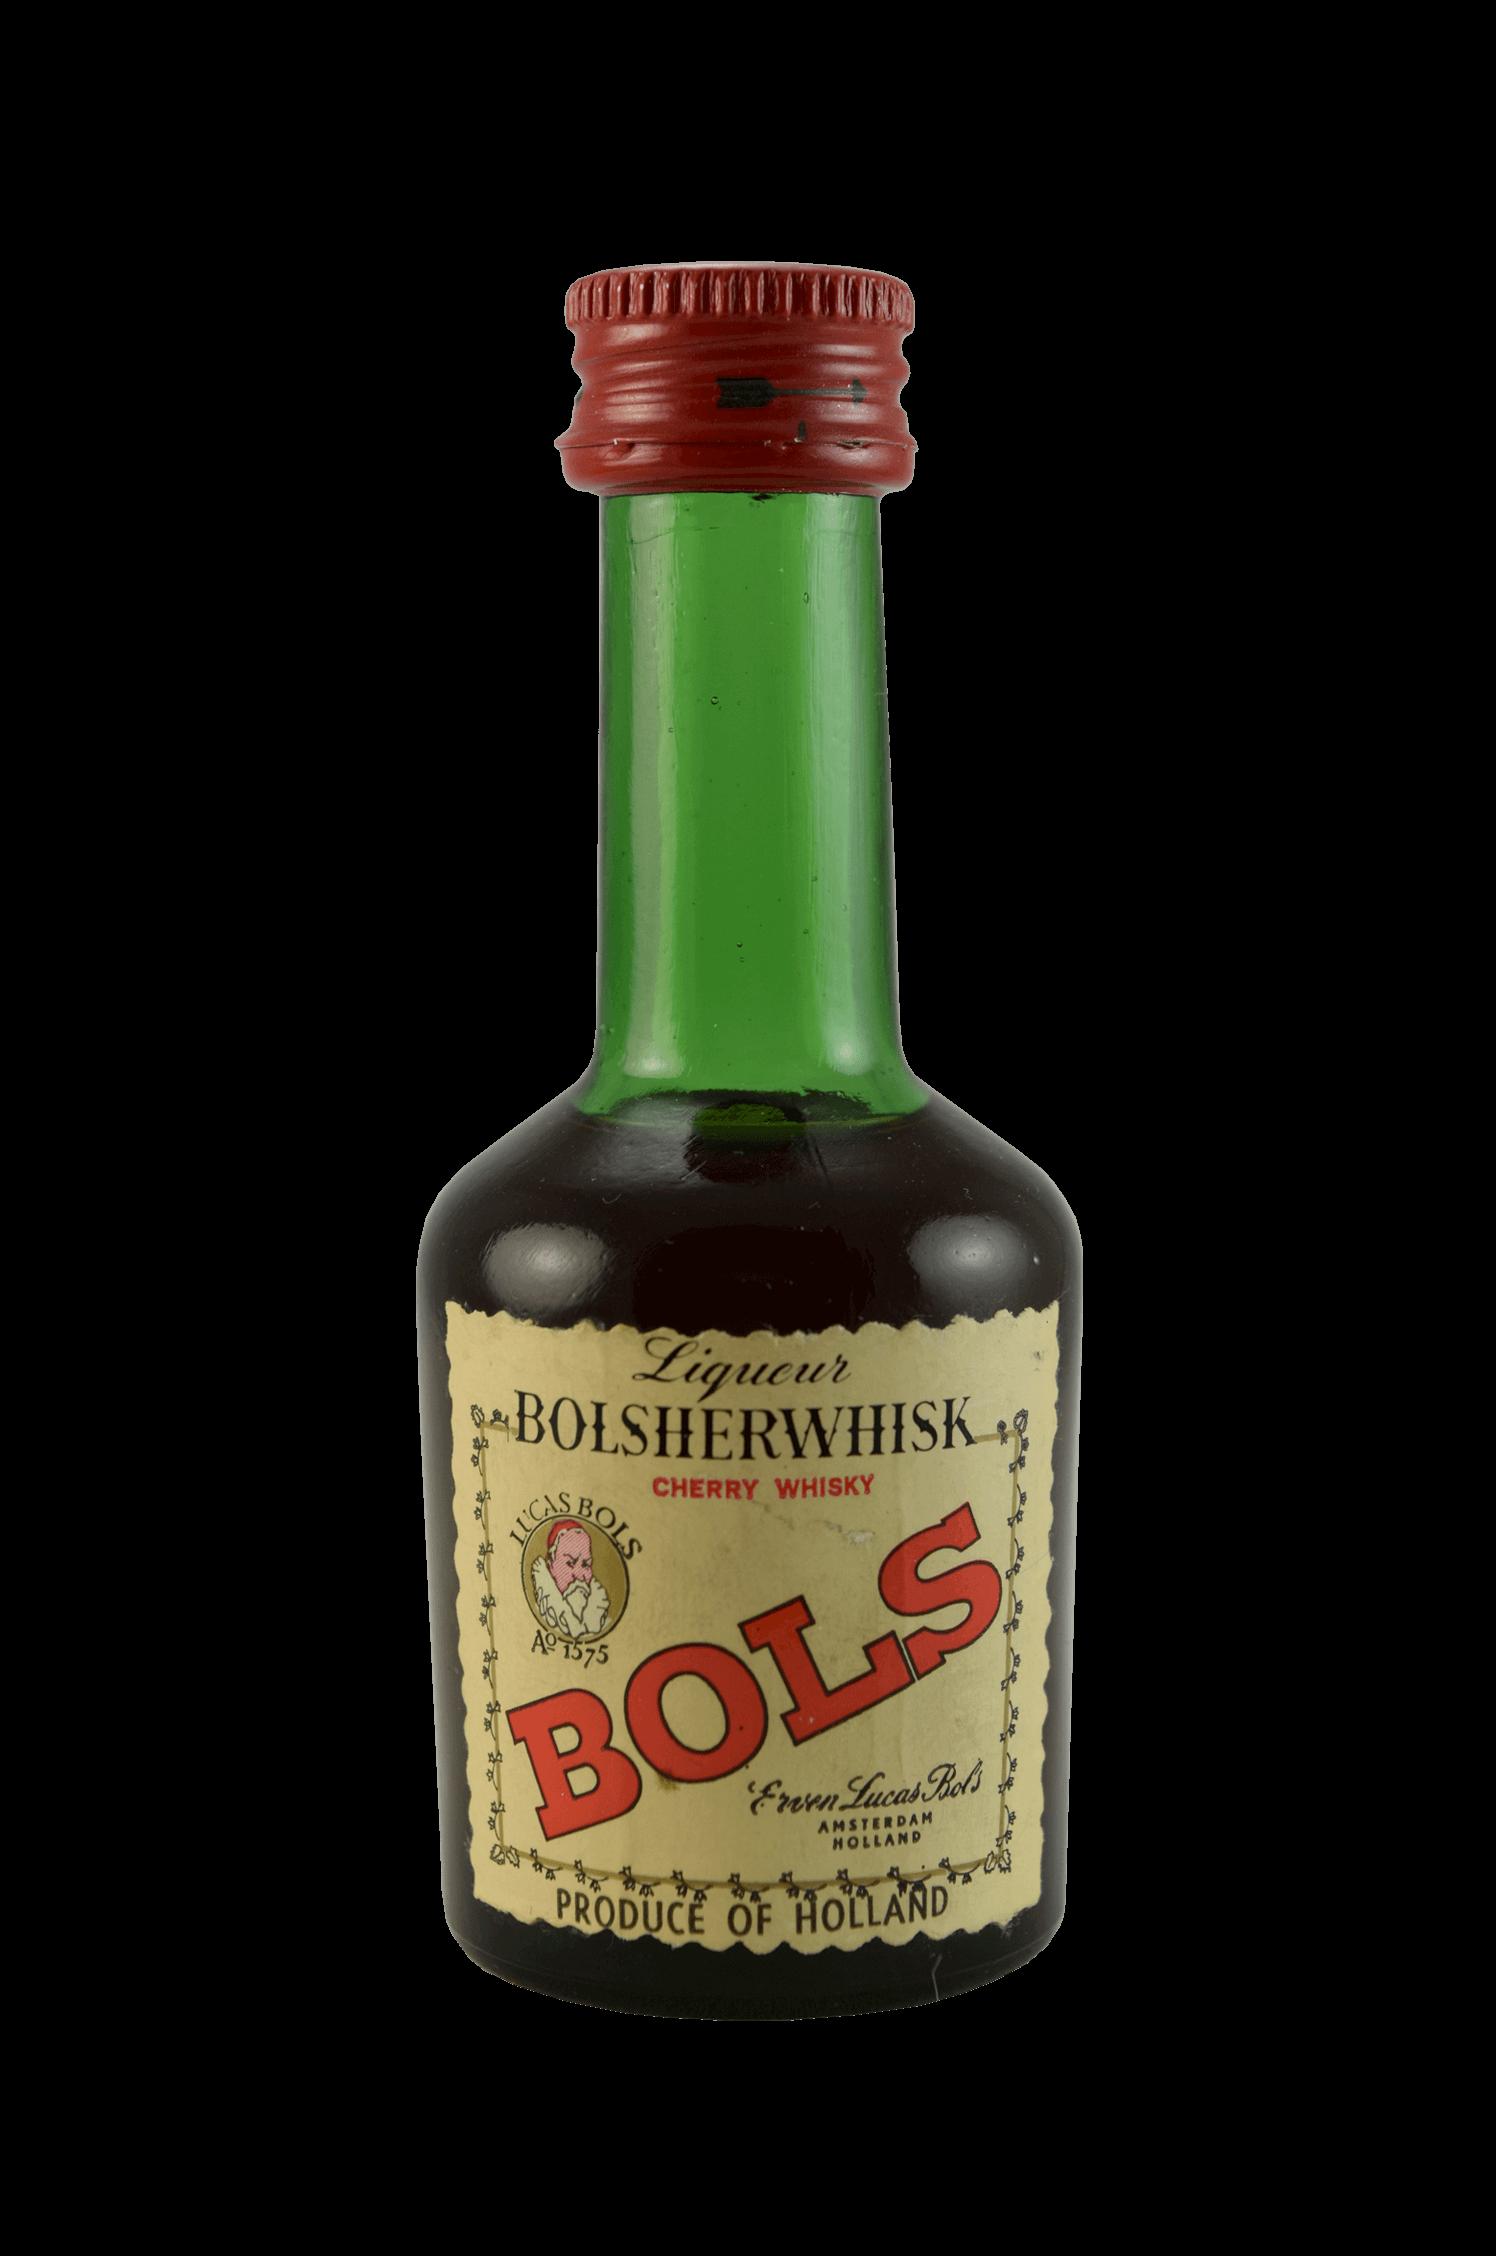 Bols Bolsherwhisk